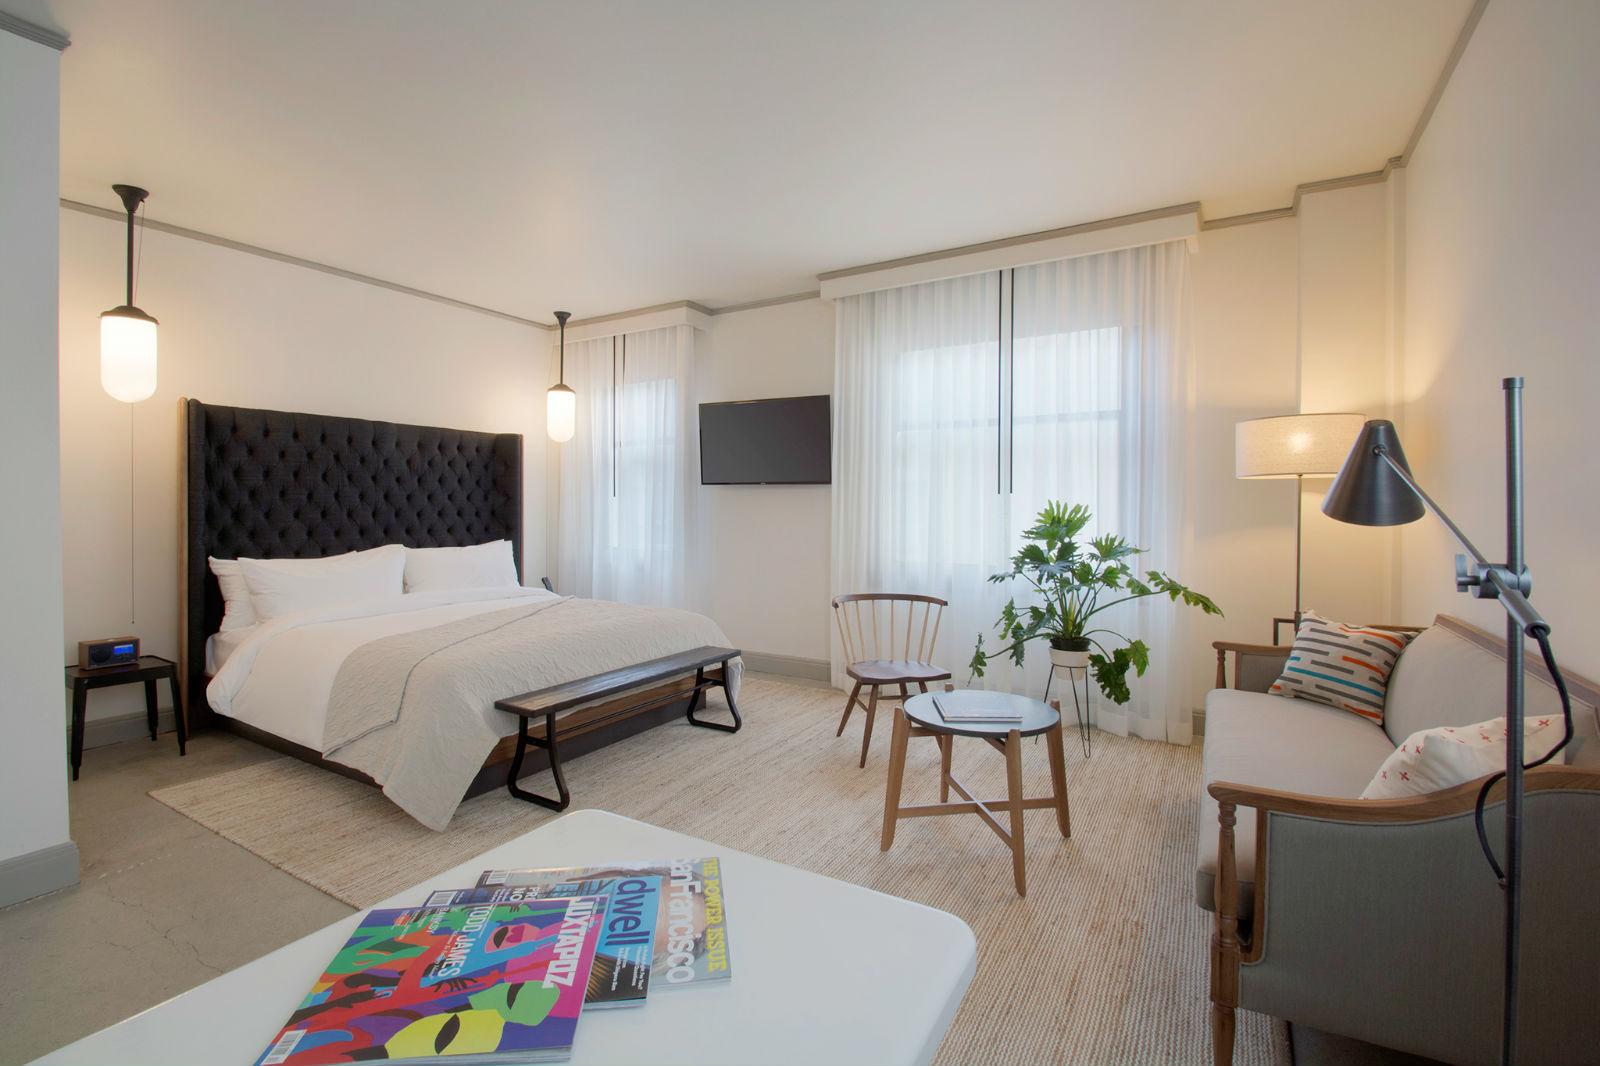 San francisco hotel suites 2 bedroom san francisco suite for 2 bedroom suites san francisco